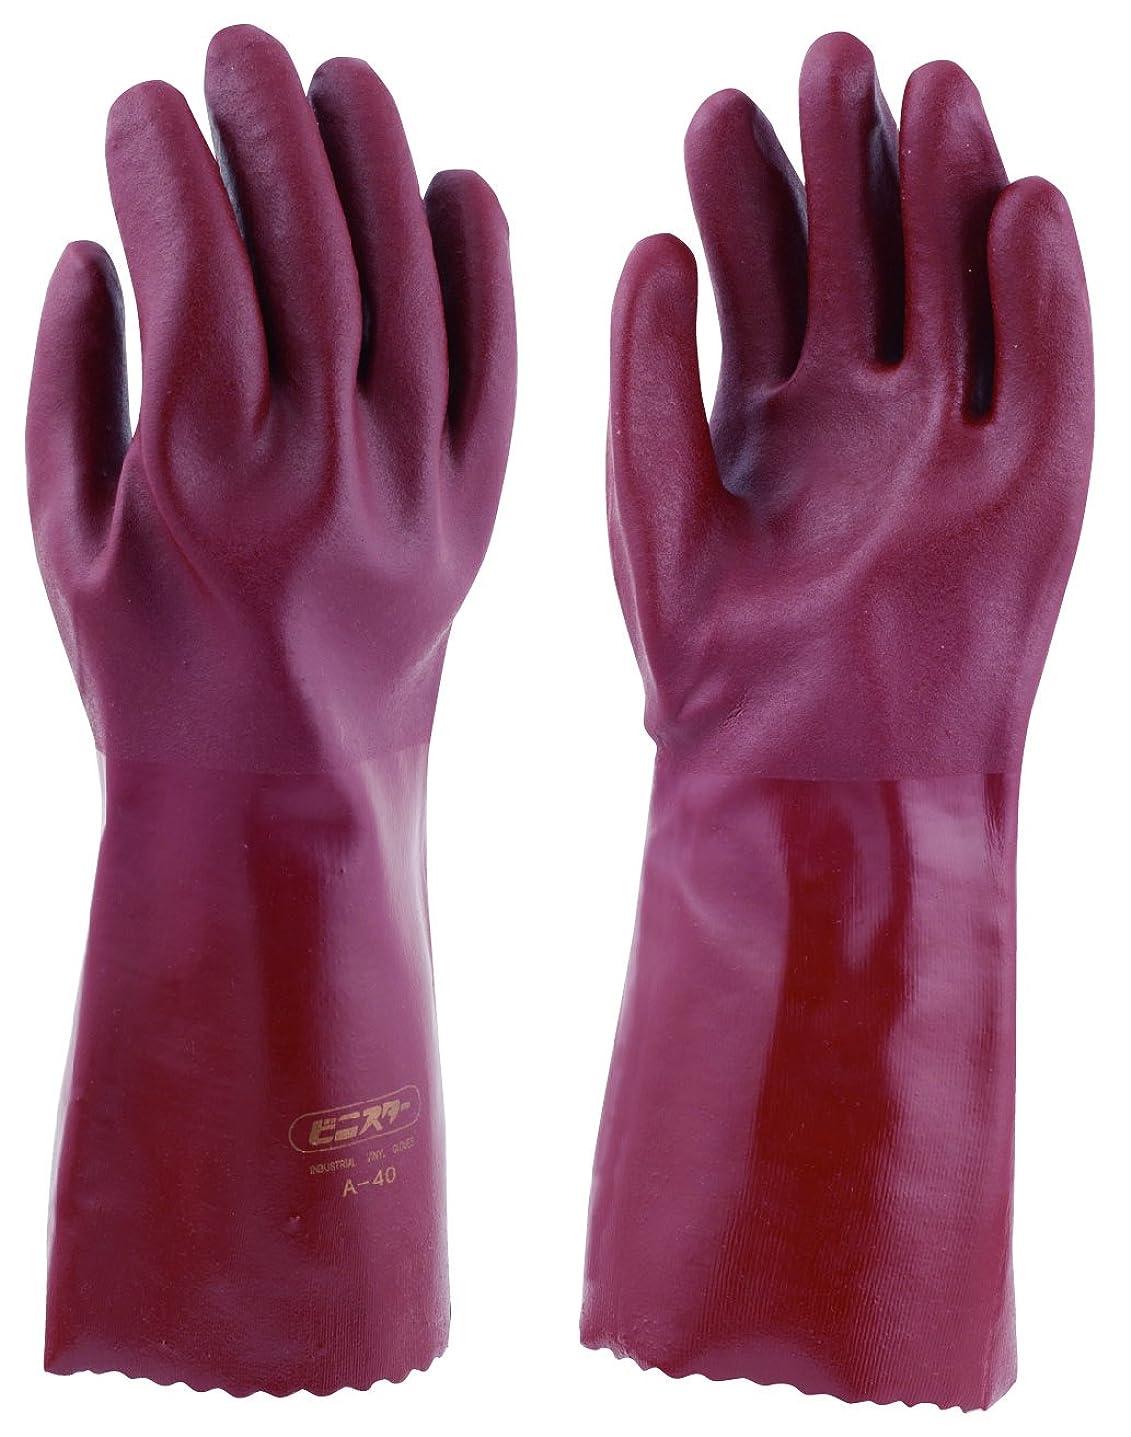 接続フォーカスかもしれない東和コーポレーション 《耐油性手袋》 ビニスター A-40 Mサイズ No.633